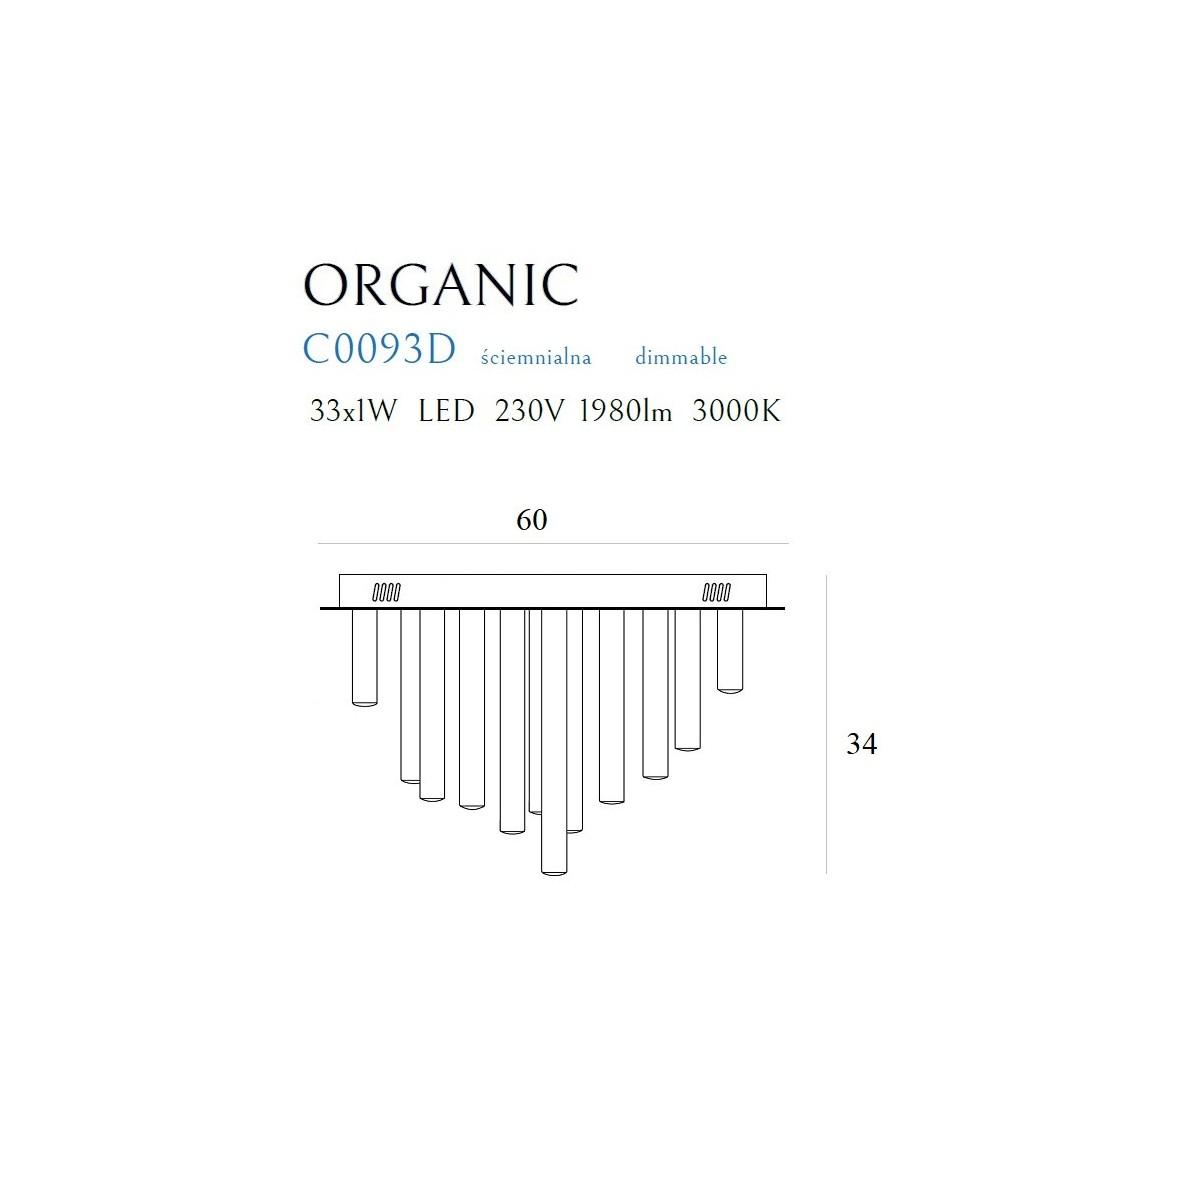 MAXlight Organic Plafon 33x1W 1980lm 3000K Miedź Ściemnialny C0093D